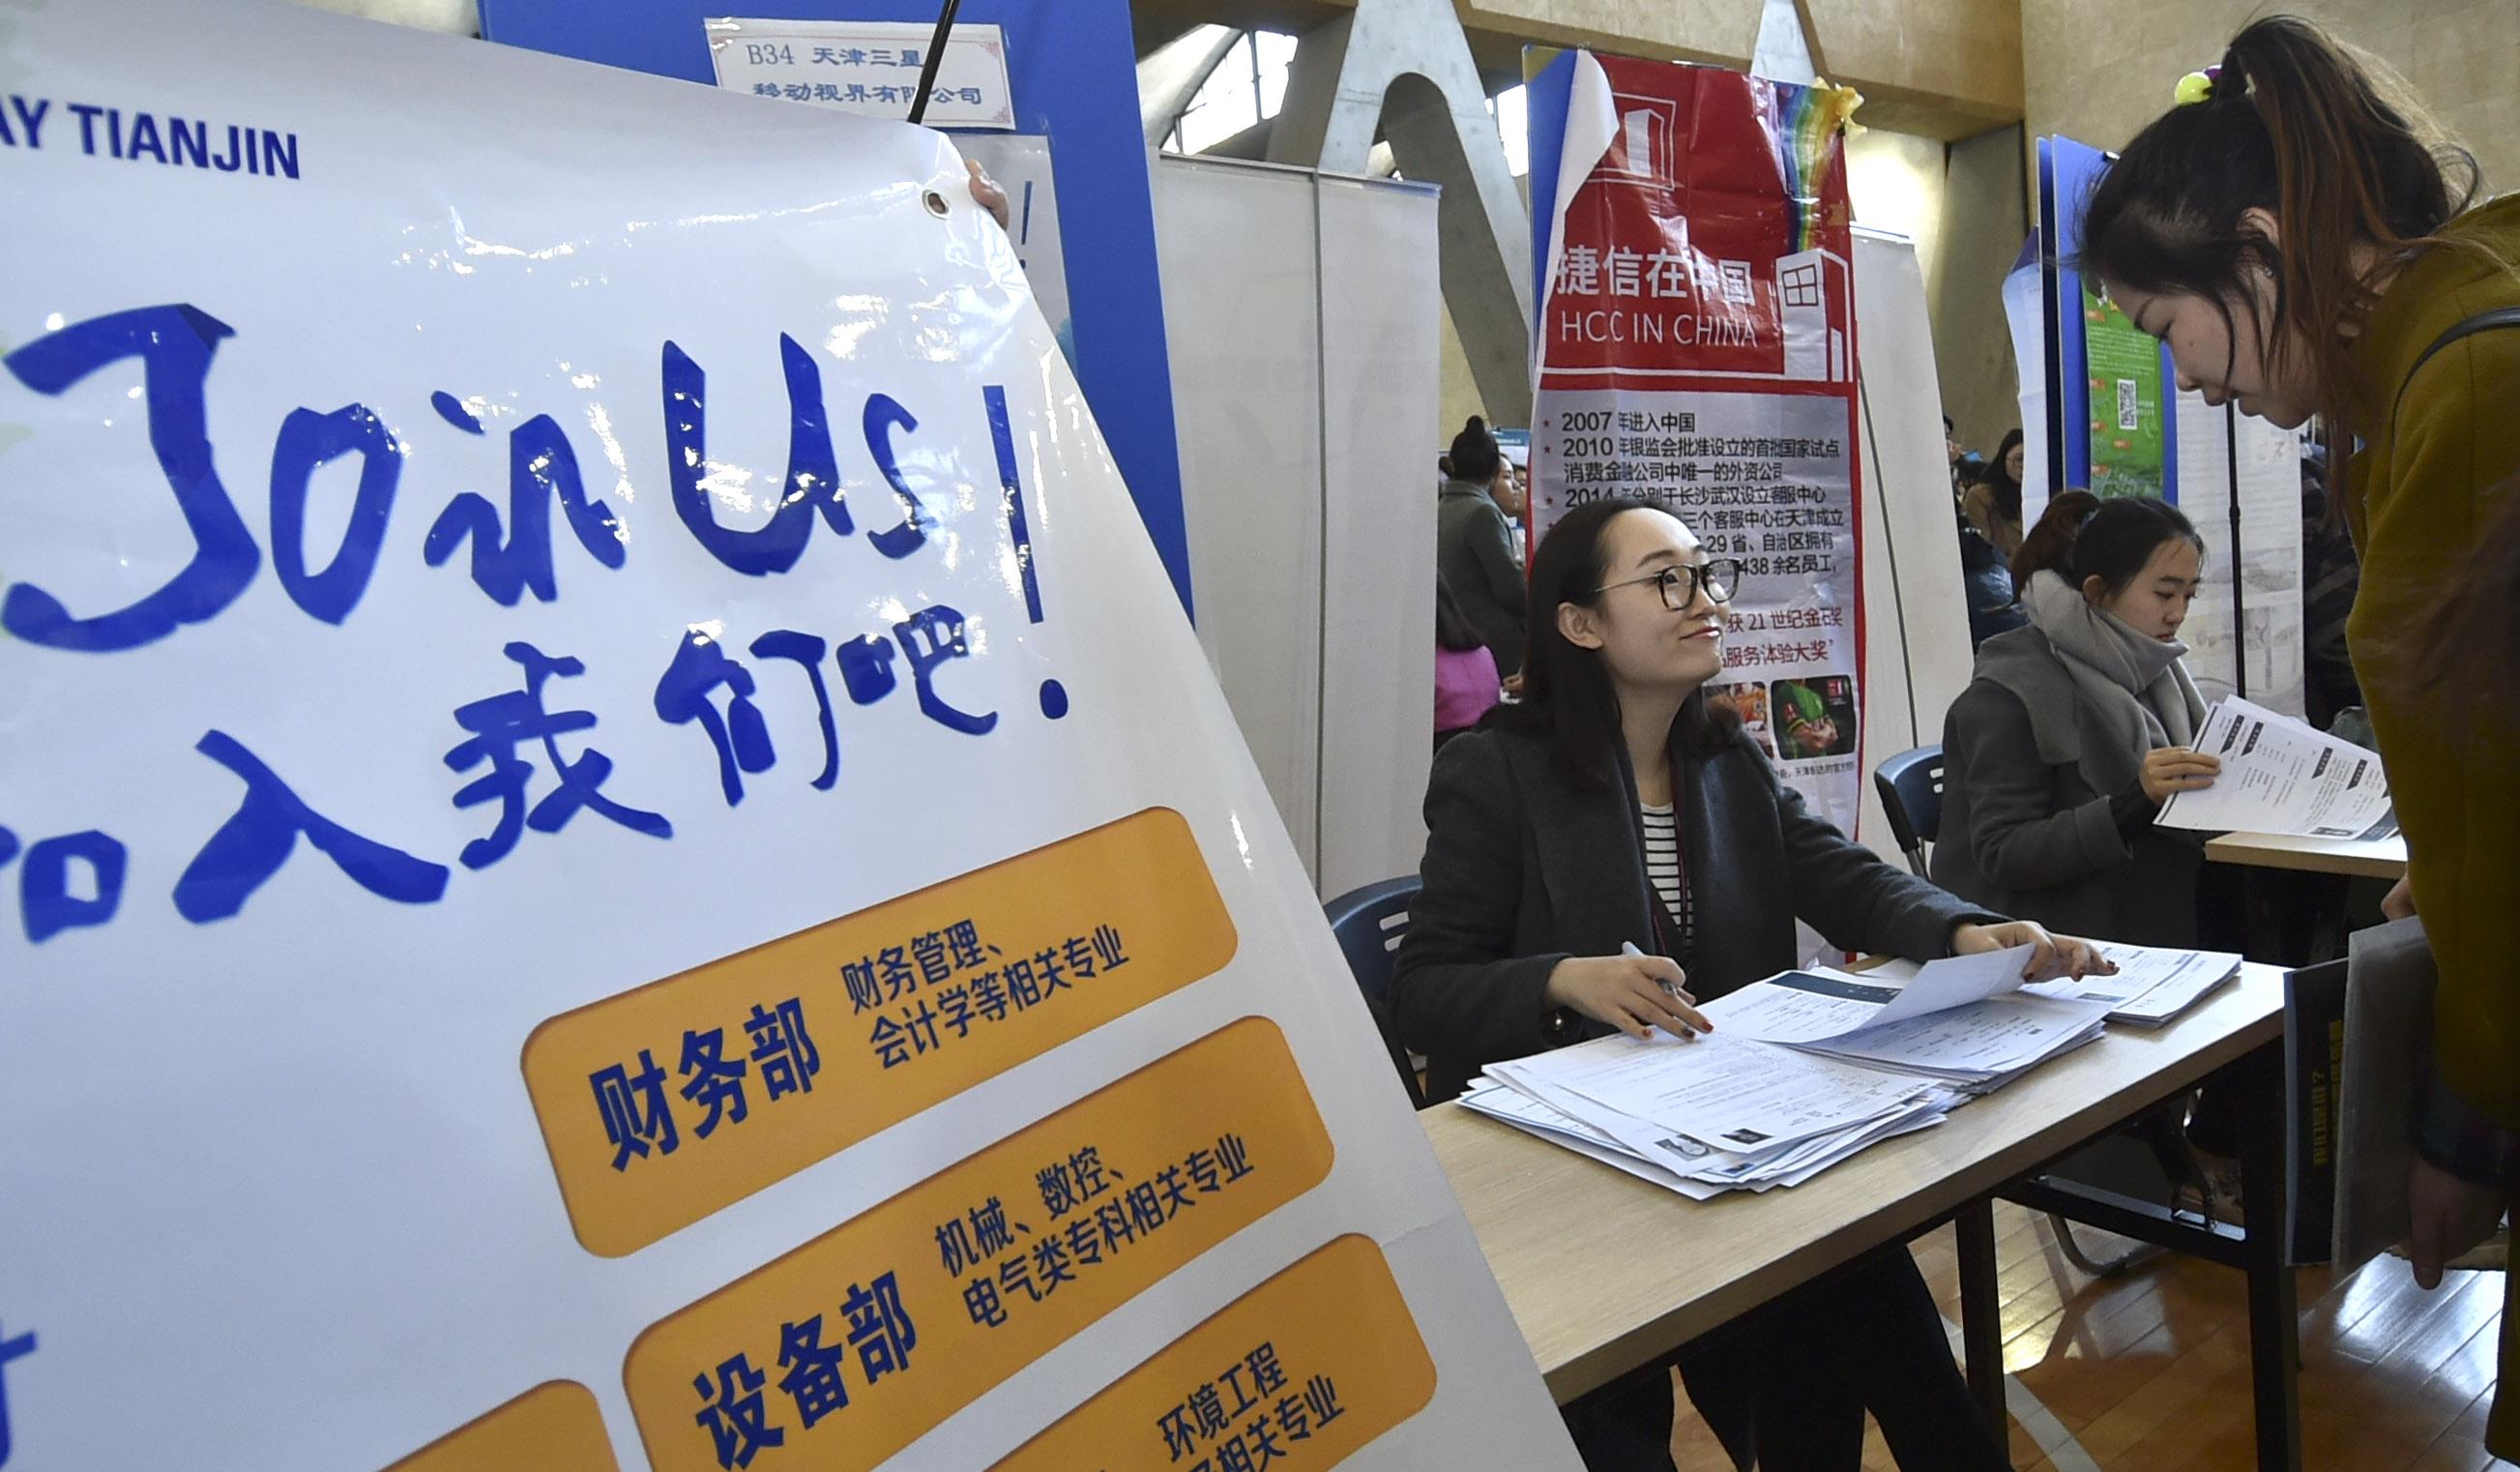 3月7日,天津市第三届女大学生专场招聘会在天津大学北洋园校区举行,为女大学生就业提供机会。新华社记者连漪 摄